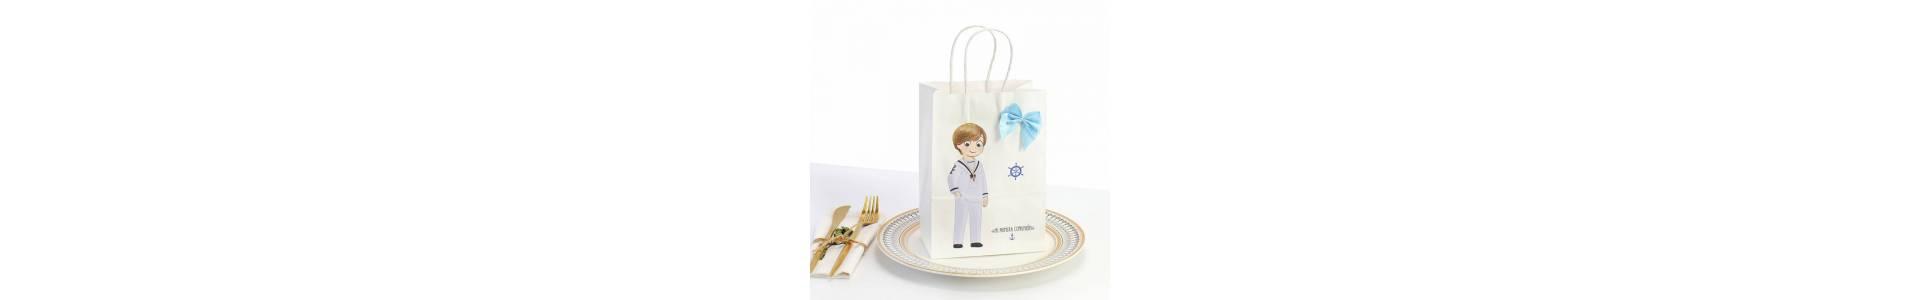 ▷ Comprar envoltorios de regalo comunión | Regalantes